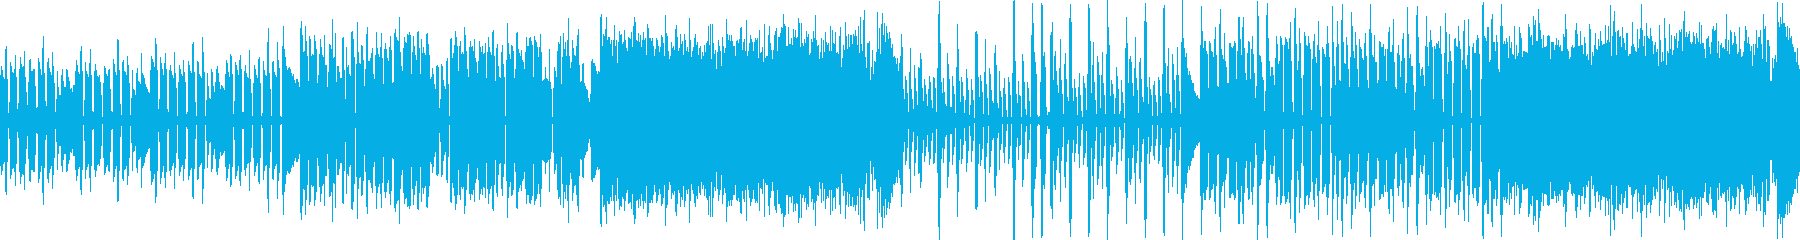 ほのぼのした雰囲気のアコギ楽曲ループの再生済みの波形